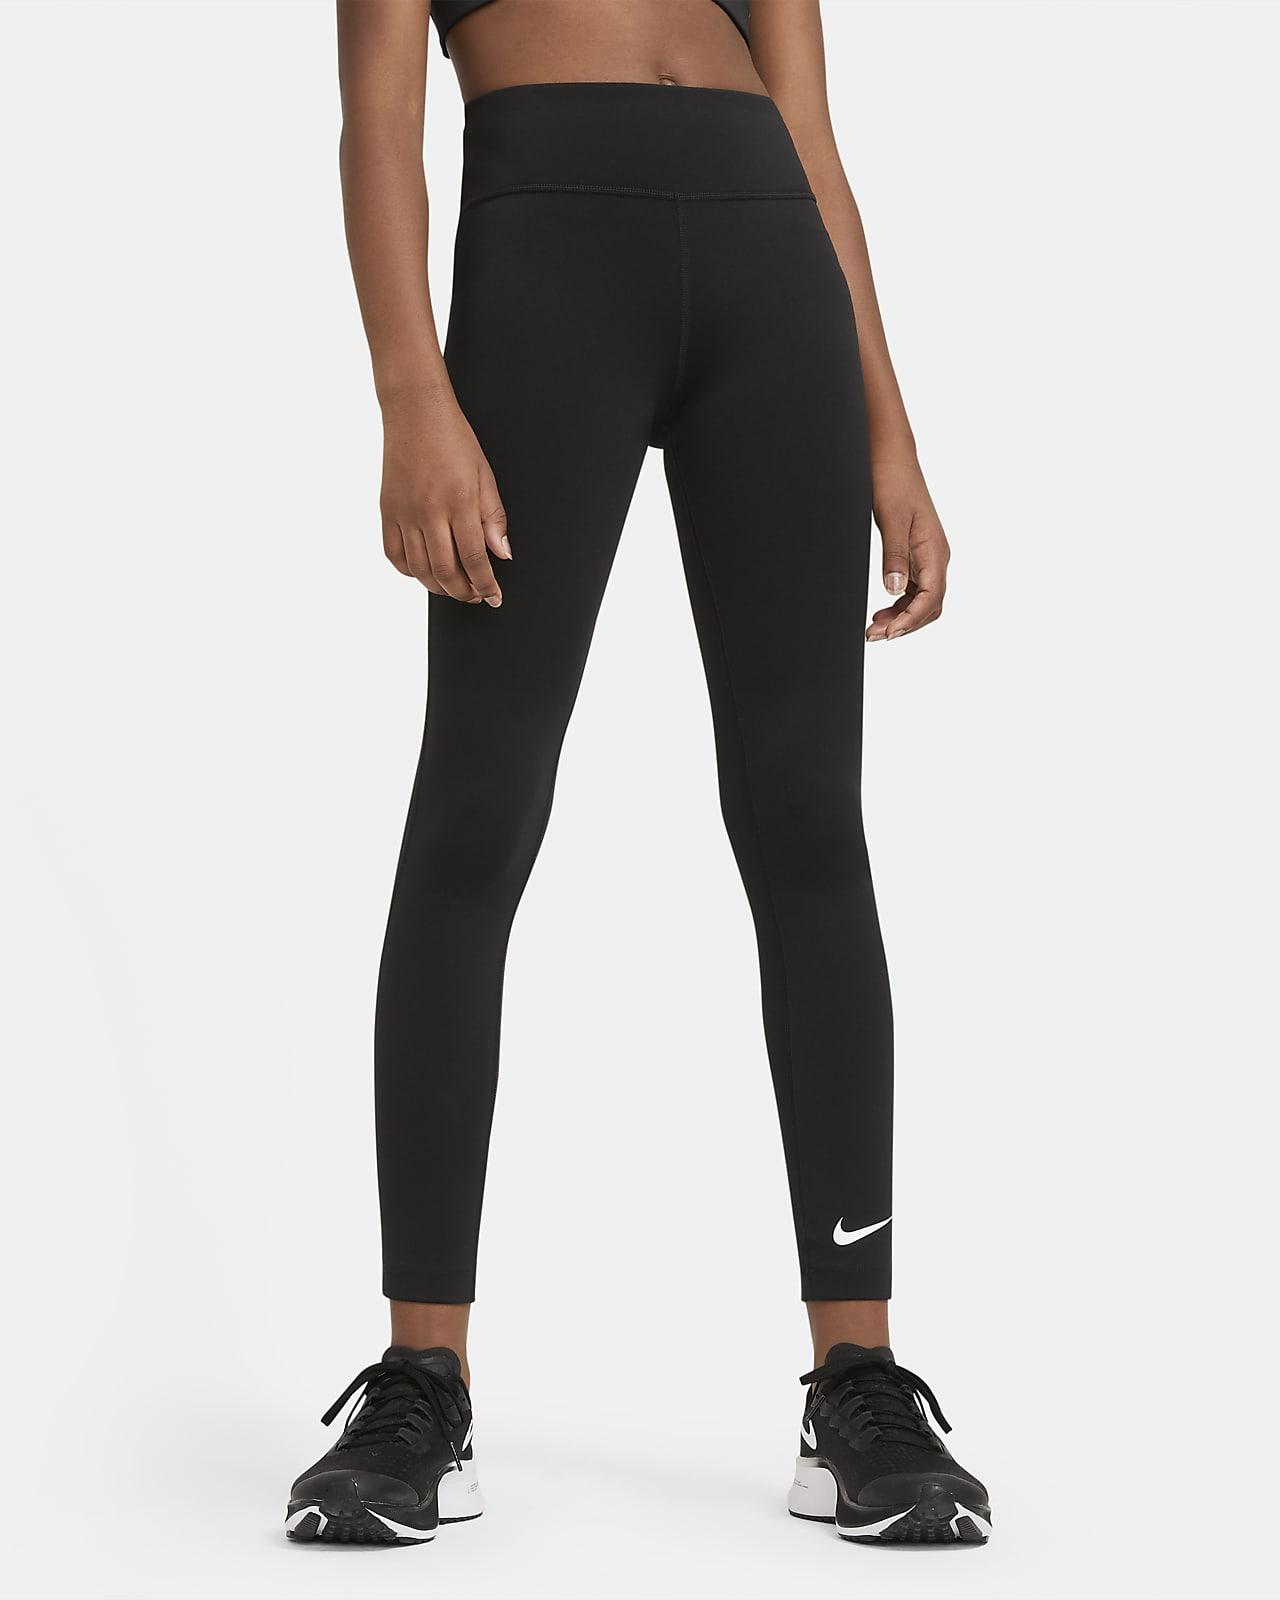 Legginsy treningowe z wysokim stanem dla dużych dzieci (dziewcząt) Nike One